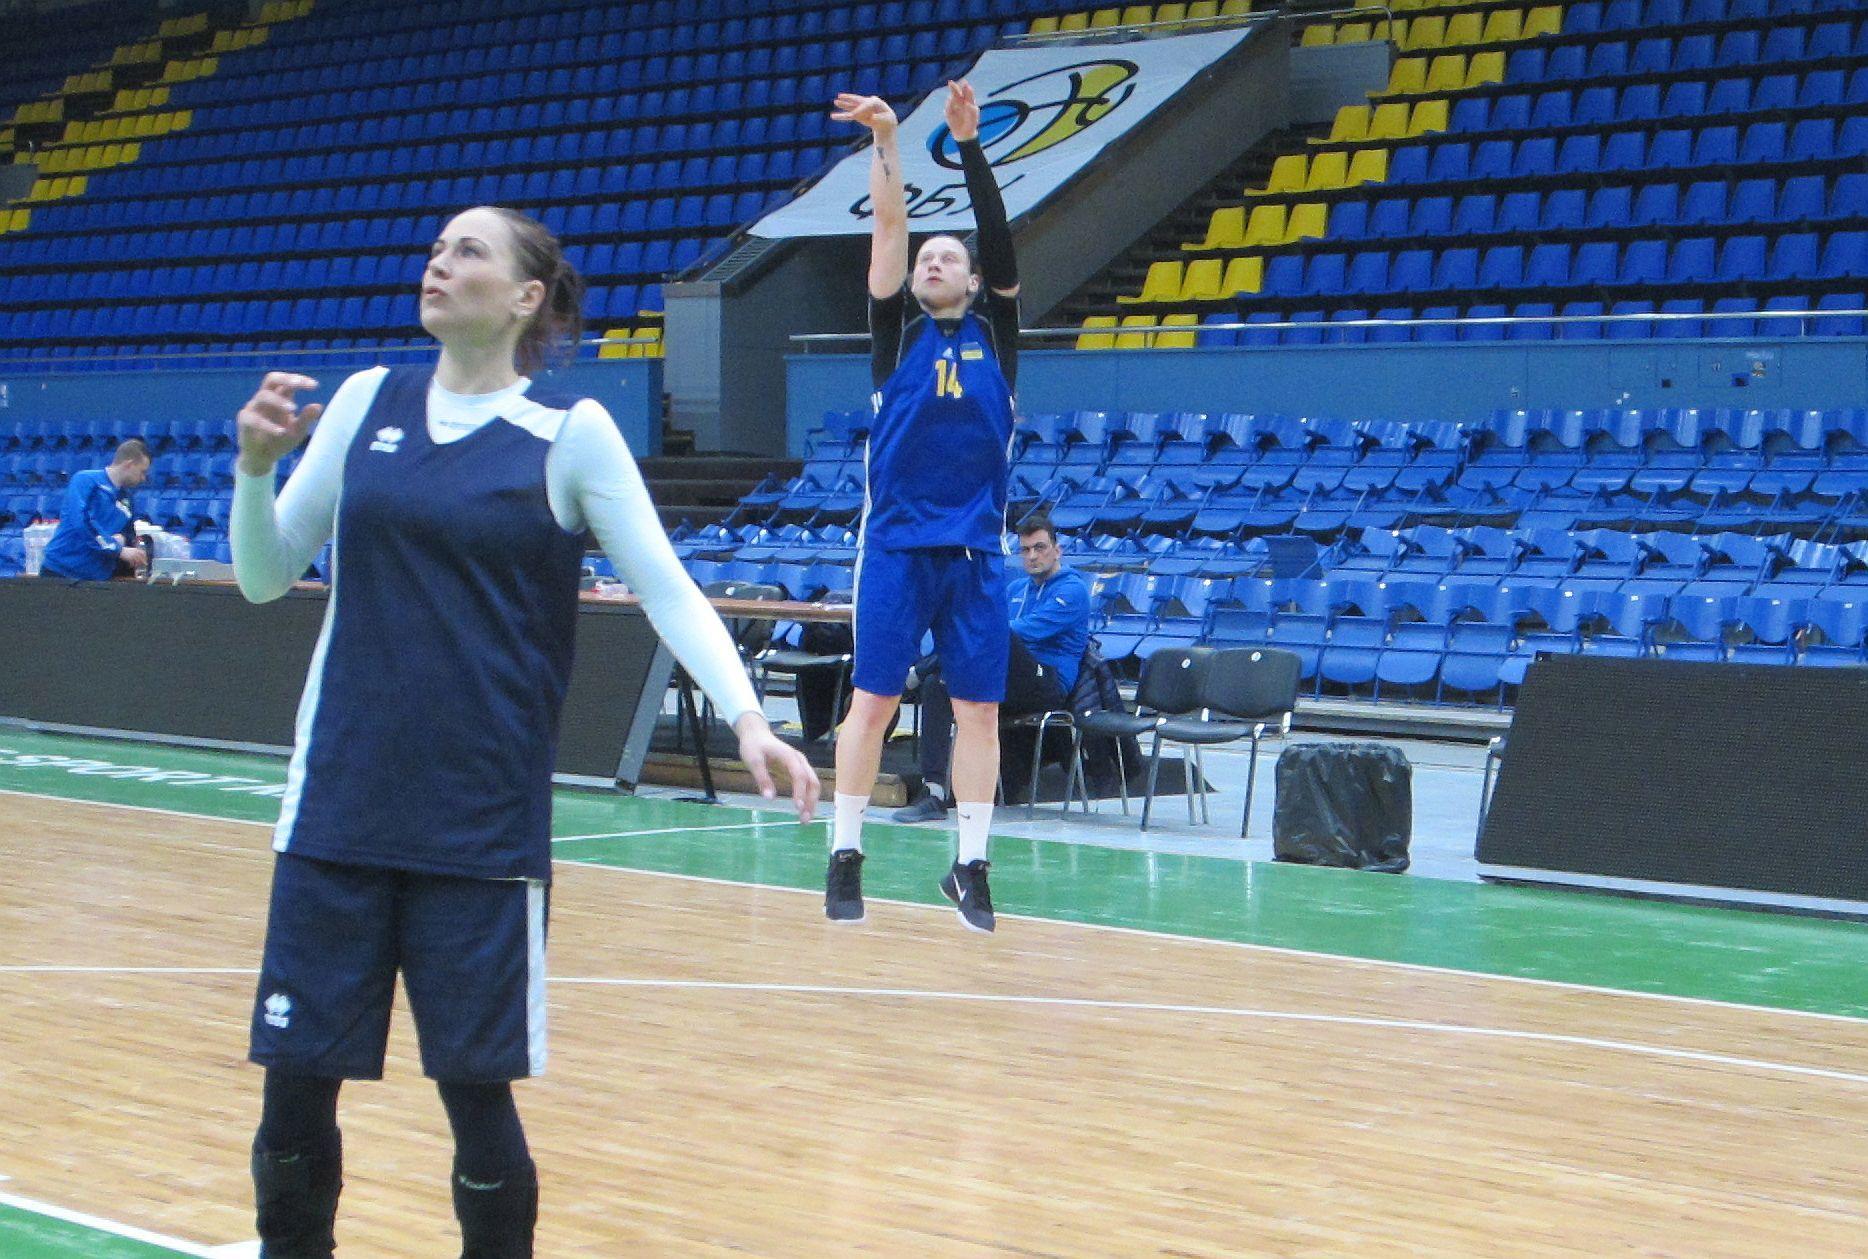 Україна – Іспанія напередодні: вечірні тренування на арені матчу в день народження Аліни Ягупової